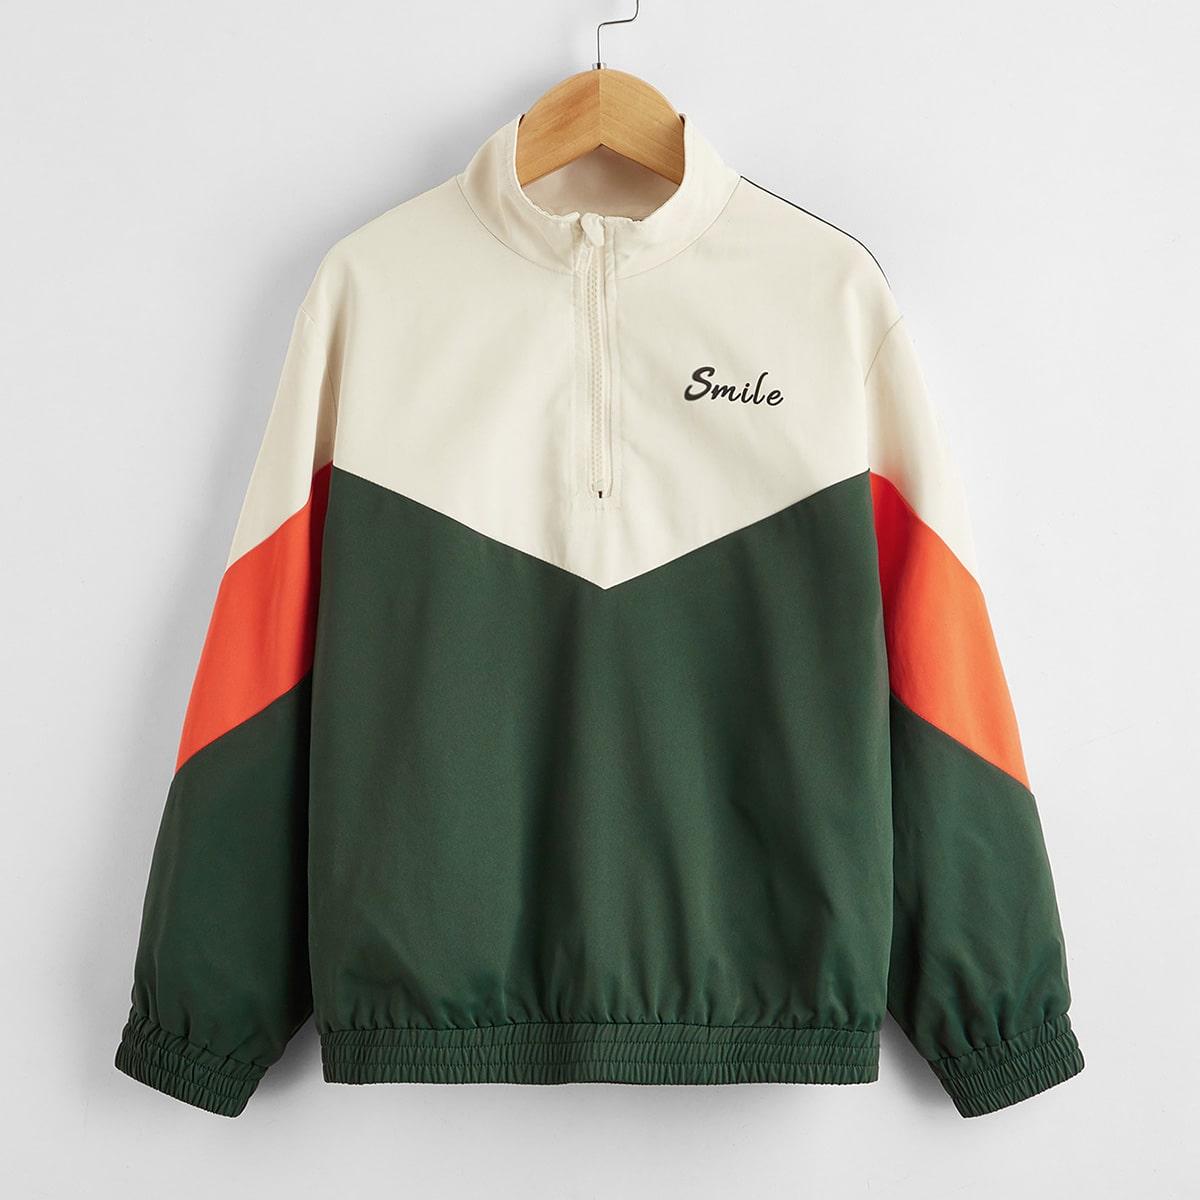 Контрастная куртка на молнии с текстовым принтом для мальчиков от SHEIN